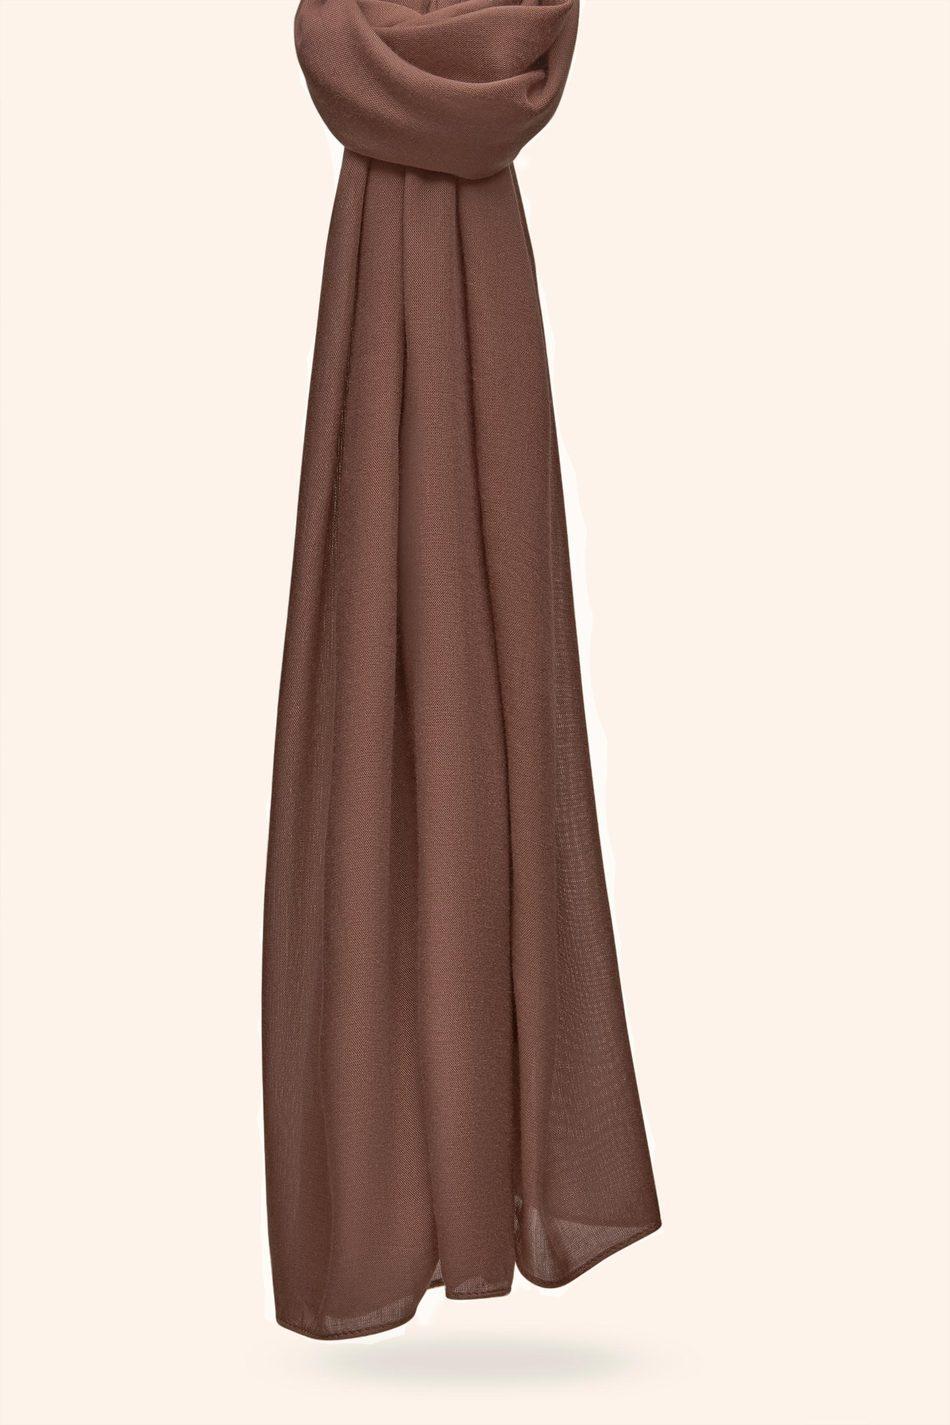 Hijab_4.jpg